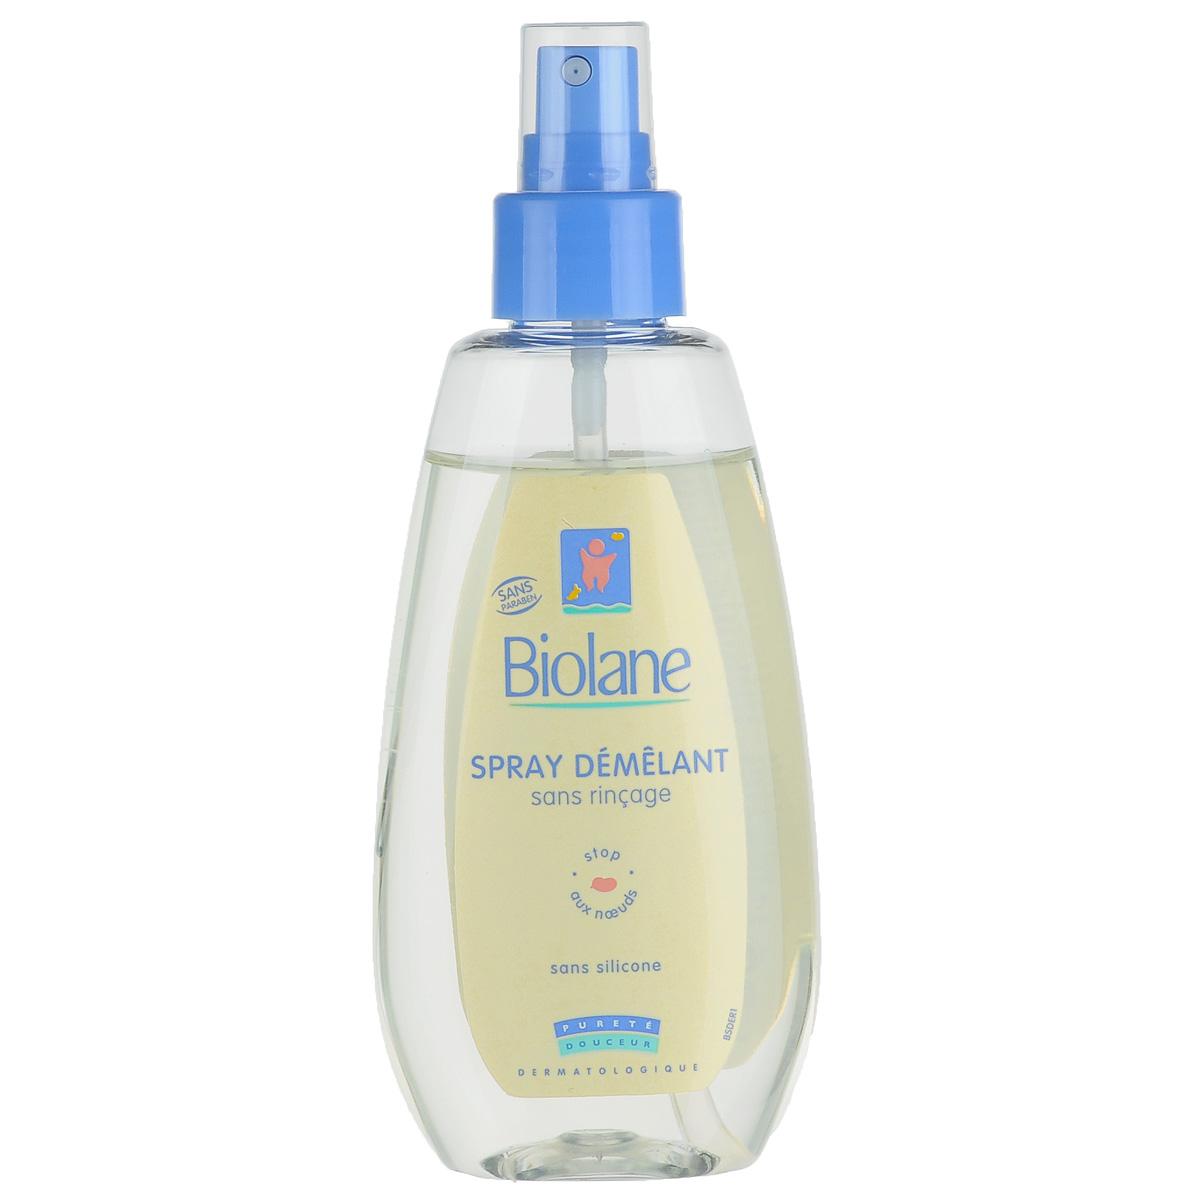 Biolane Детский спрей для легкого расчесывания волос, 150 млBSDСпрей Biolane поможет легко расчесать волосы вашего ребенка. Эффективно применяется как на влажные, так и на сухие волосы. Устраняет узелки и вихры на детских волосах, содержит витамин В5 и глицерин, не требует смывания водой после употребления. Спрей облегчает расчесывание и делает волосы мягкими, блестящими и шелковистыми, сохраняя при этом естественный кожный баланс. Протестирован дерматологами. Не содержит силикона, без спирта, не отяжеляет волосы. После применения волосы становятся гладкими и более крепкими. Товар сертифицирован.